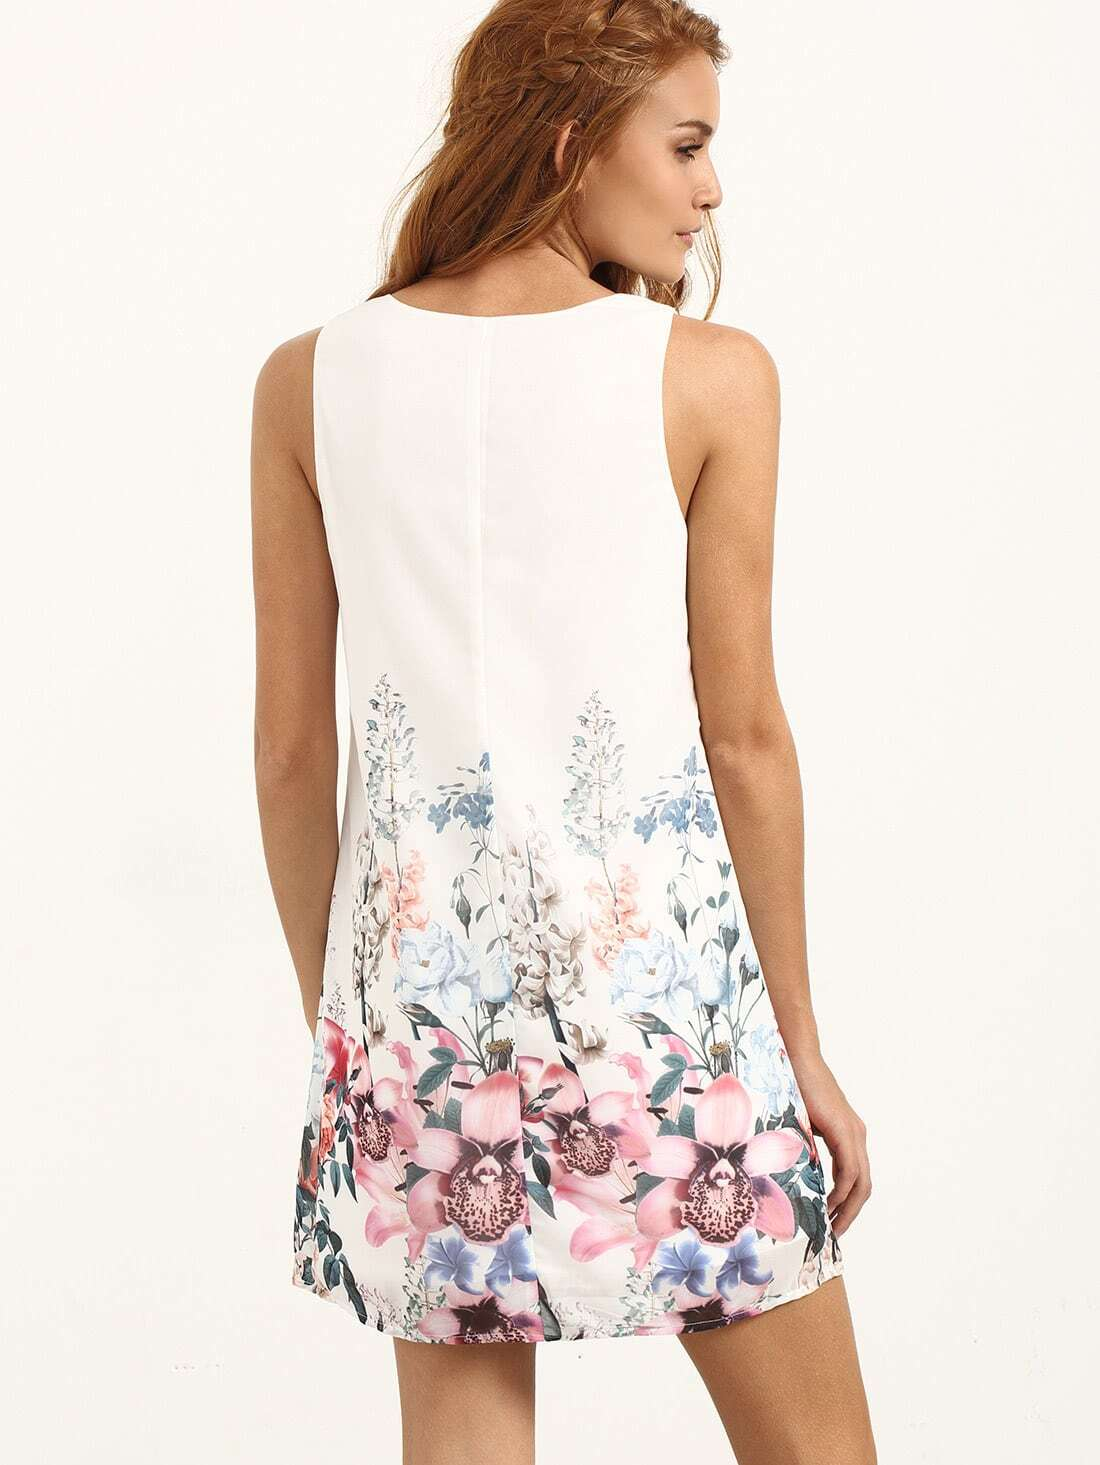 مدل لباس مجلسی کوتاه با پارچه گلدار